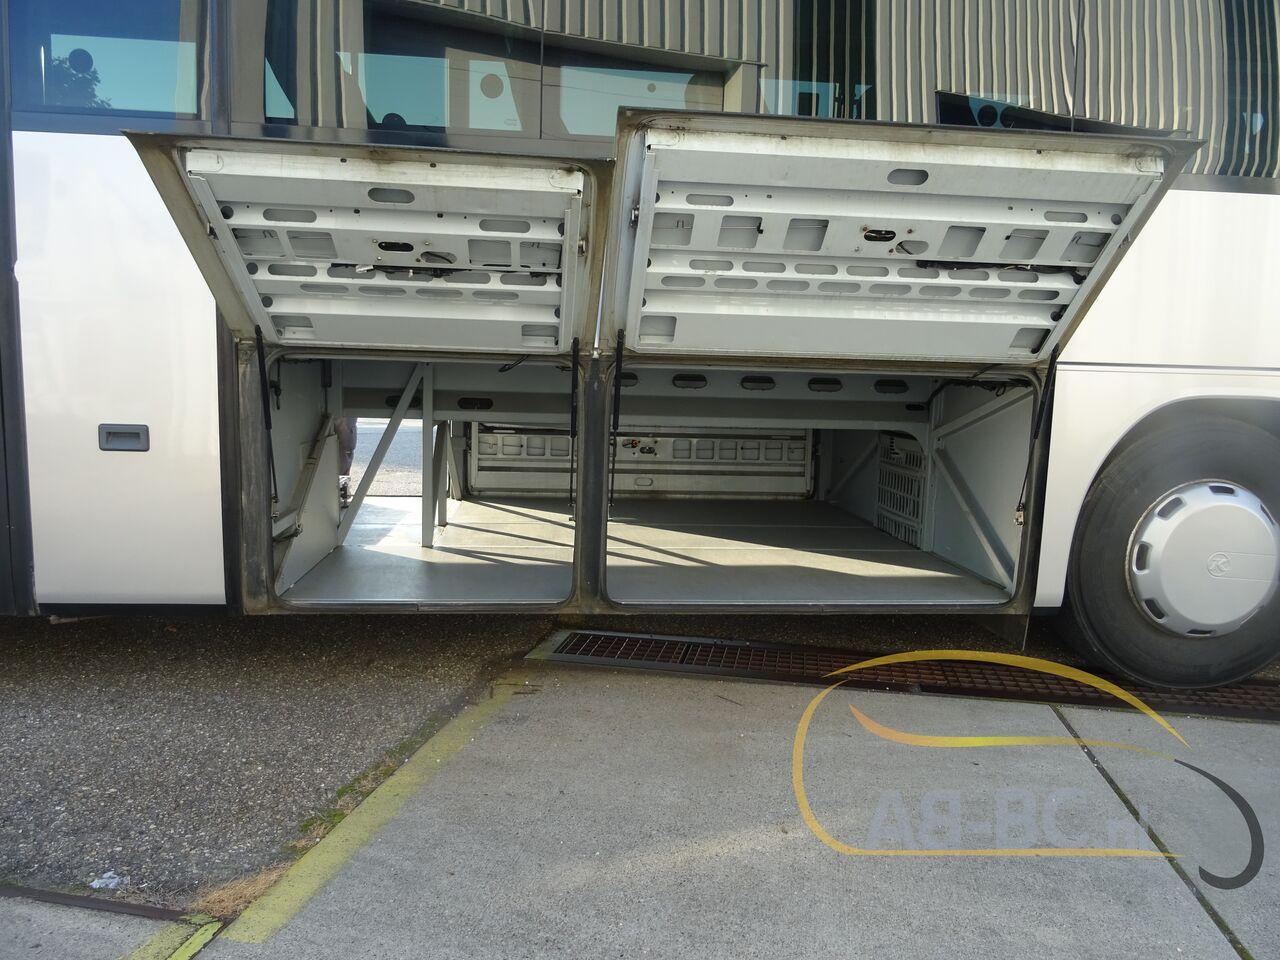 coach-bus-SETRA-S415H-52-Seats-EURO-6-Liftbus---1630913009537428107_big_2e66122253a5c70802ac701109c2838e--21070517141280735500